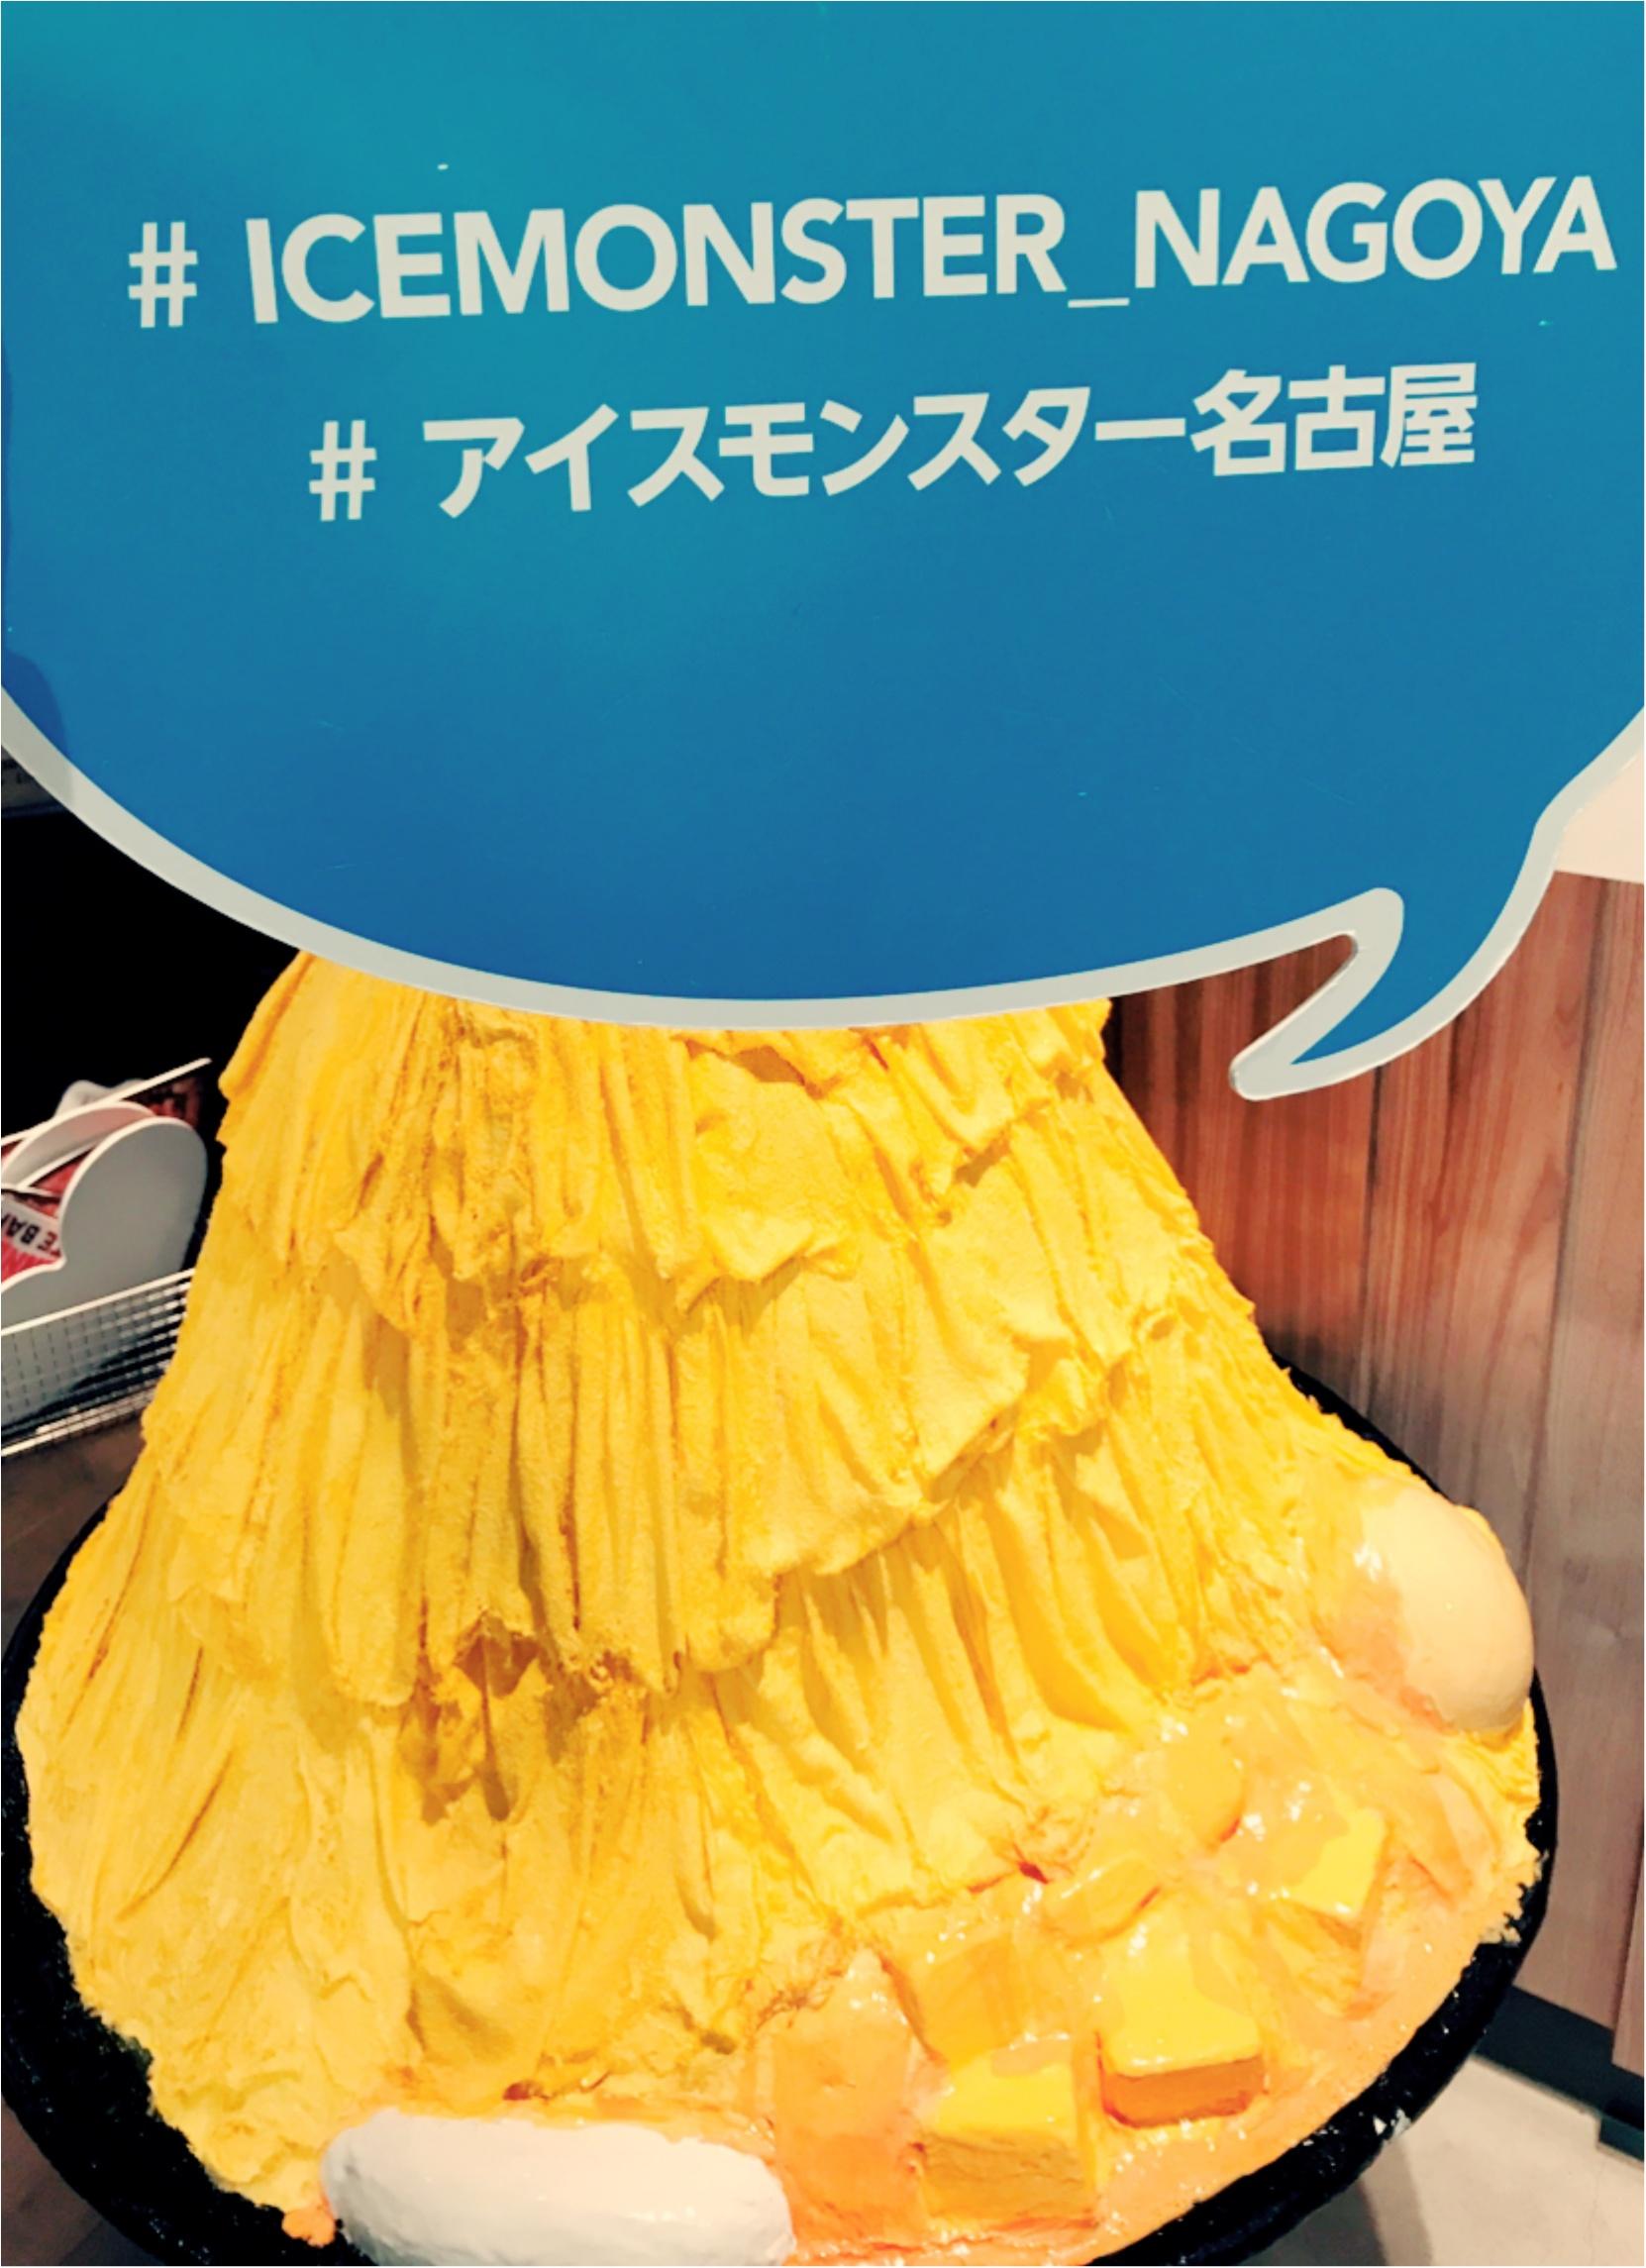 ★カキ氷シーズン到来!名古屋にもとうとう上陸した『ICE MONSTER』穴場な時間はこの時間★_1